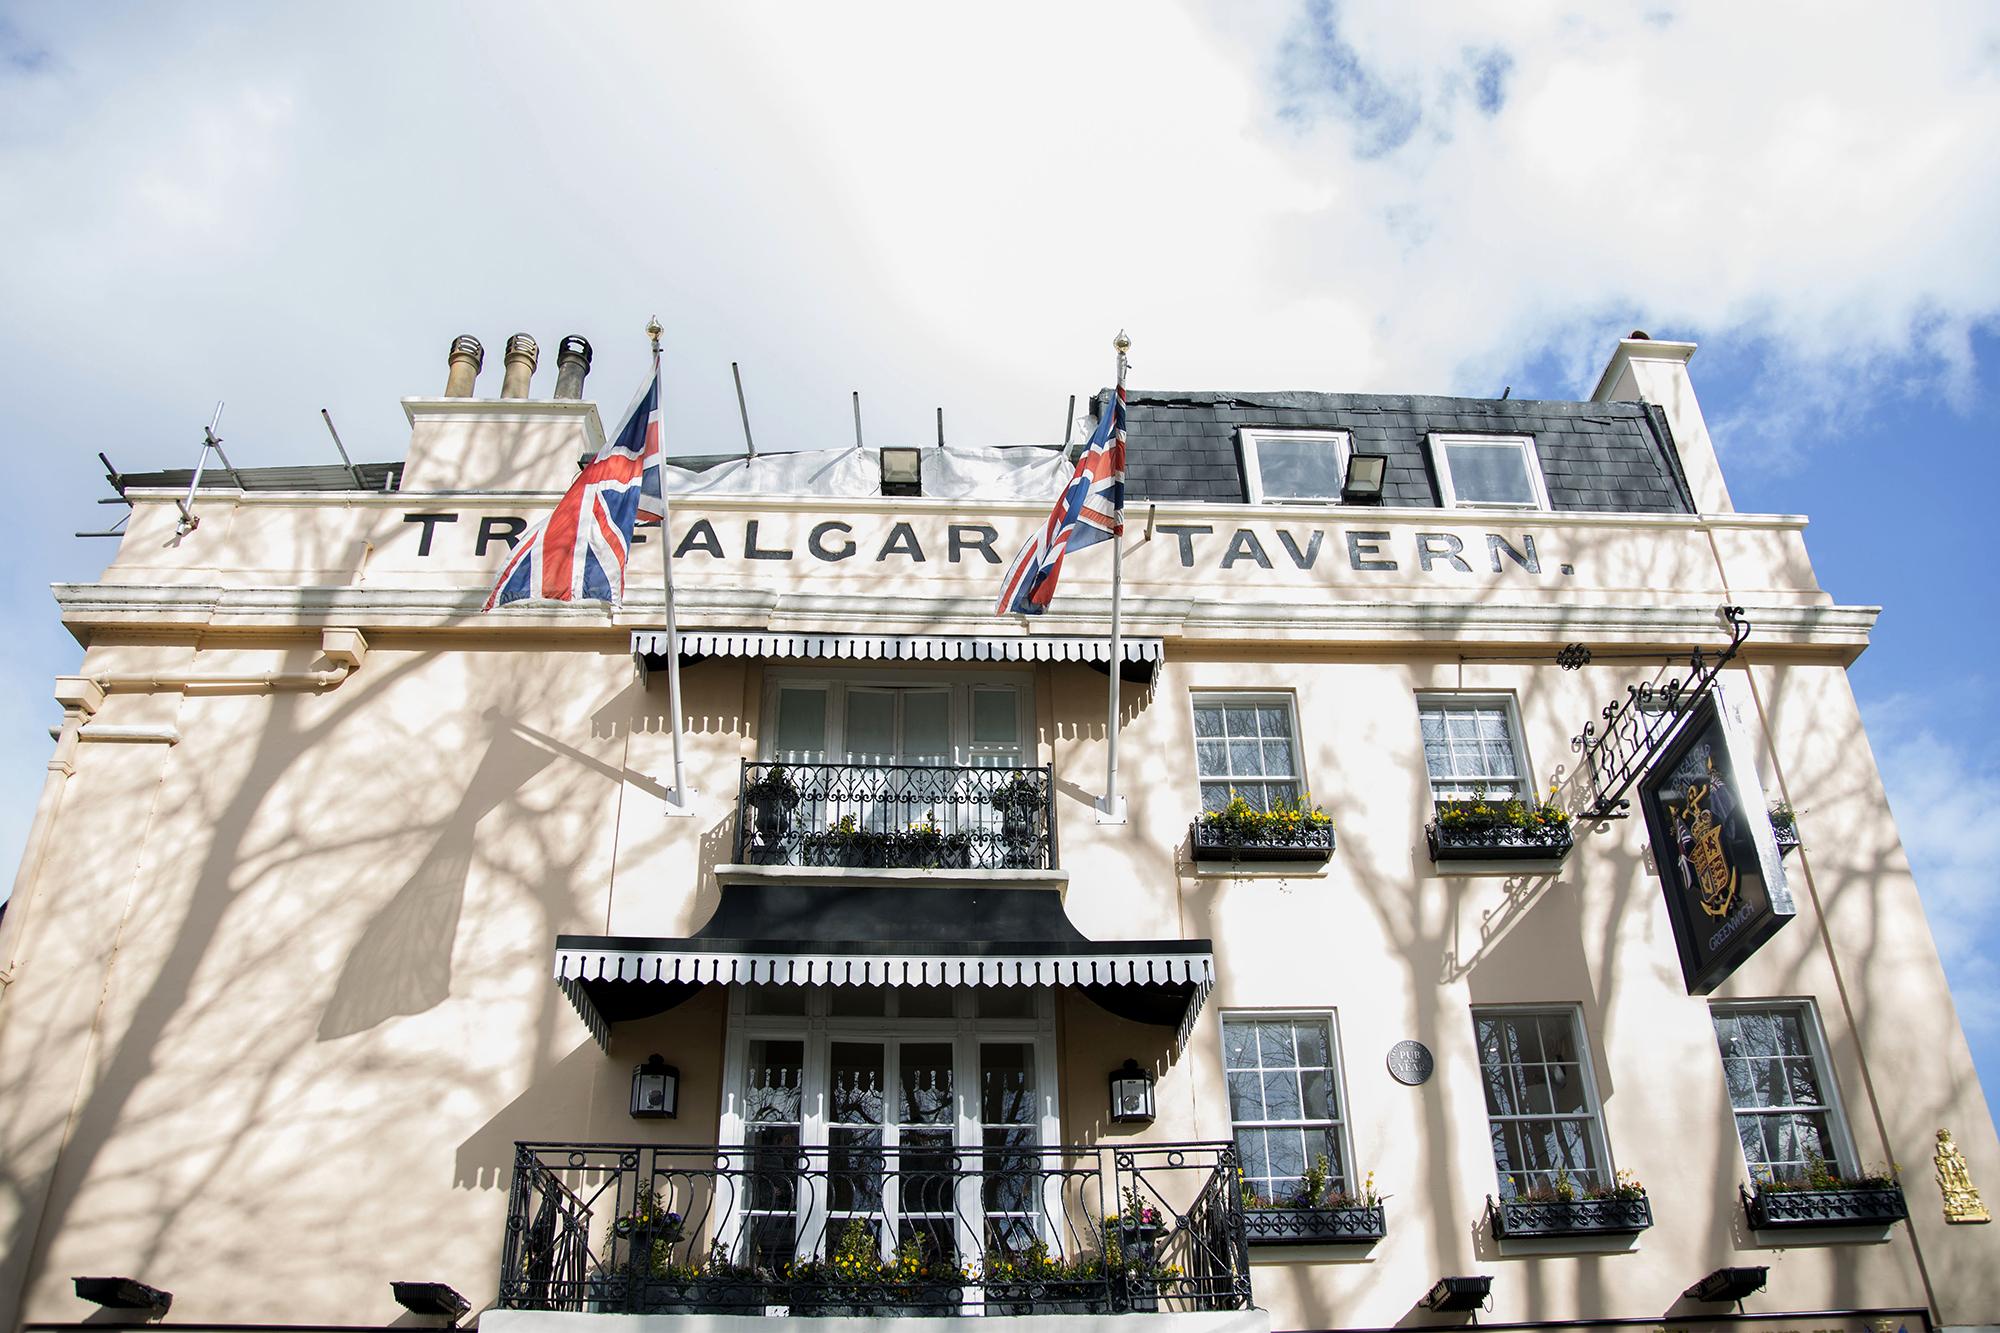 Trafalgar-Tavern-Greenwich-Wedding-Charlott-King-Photography (63)